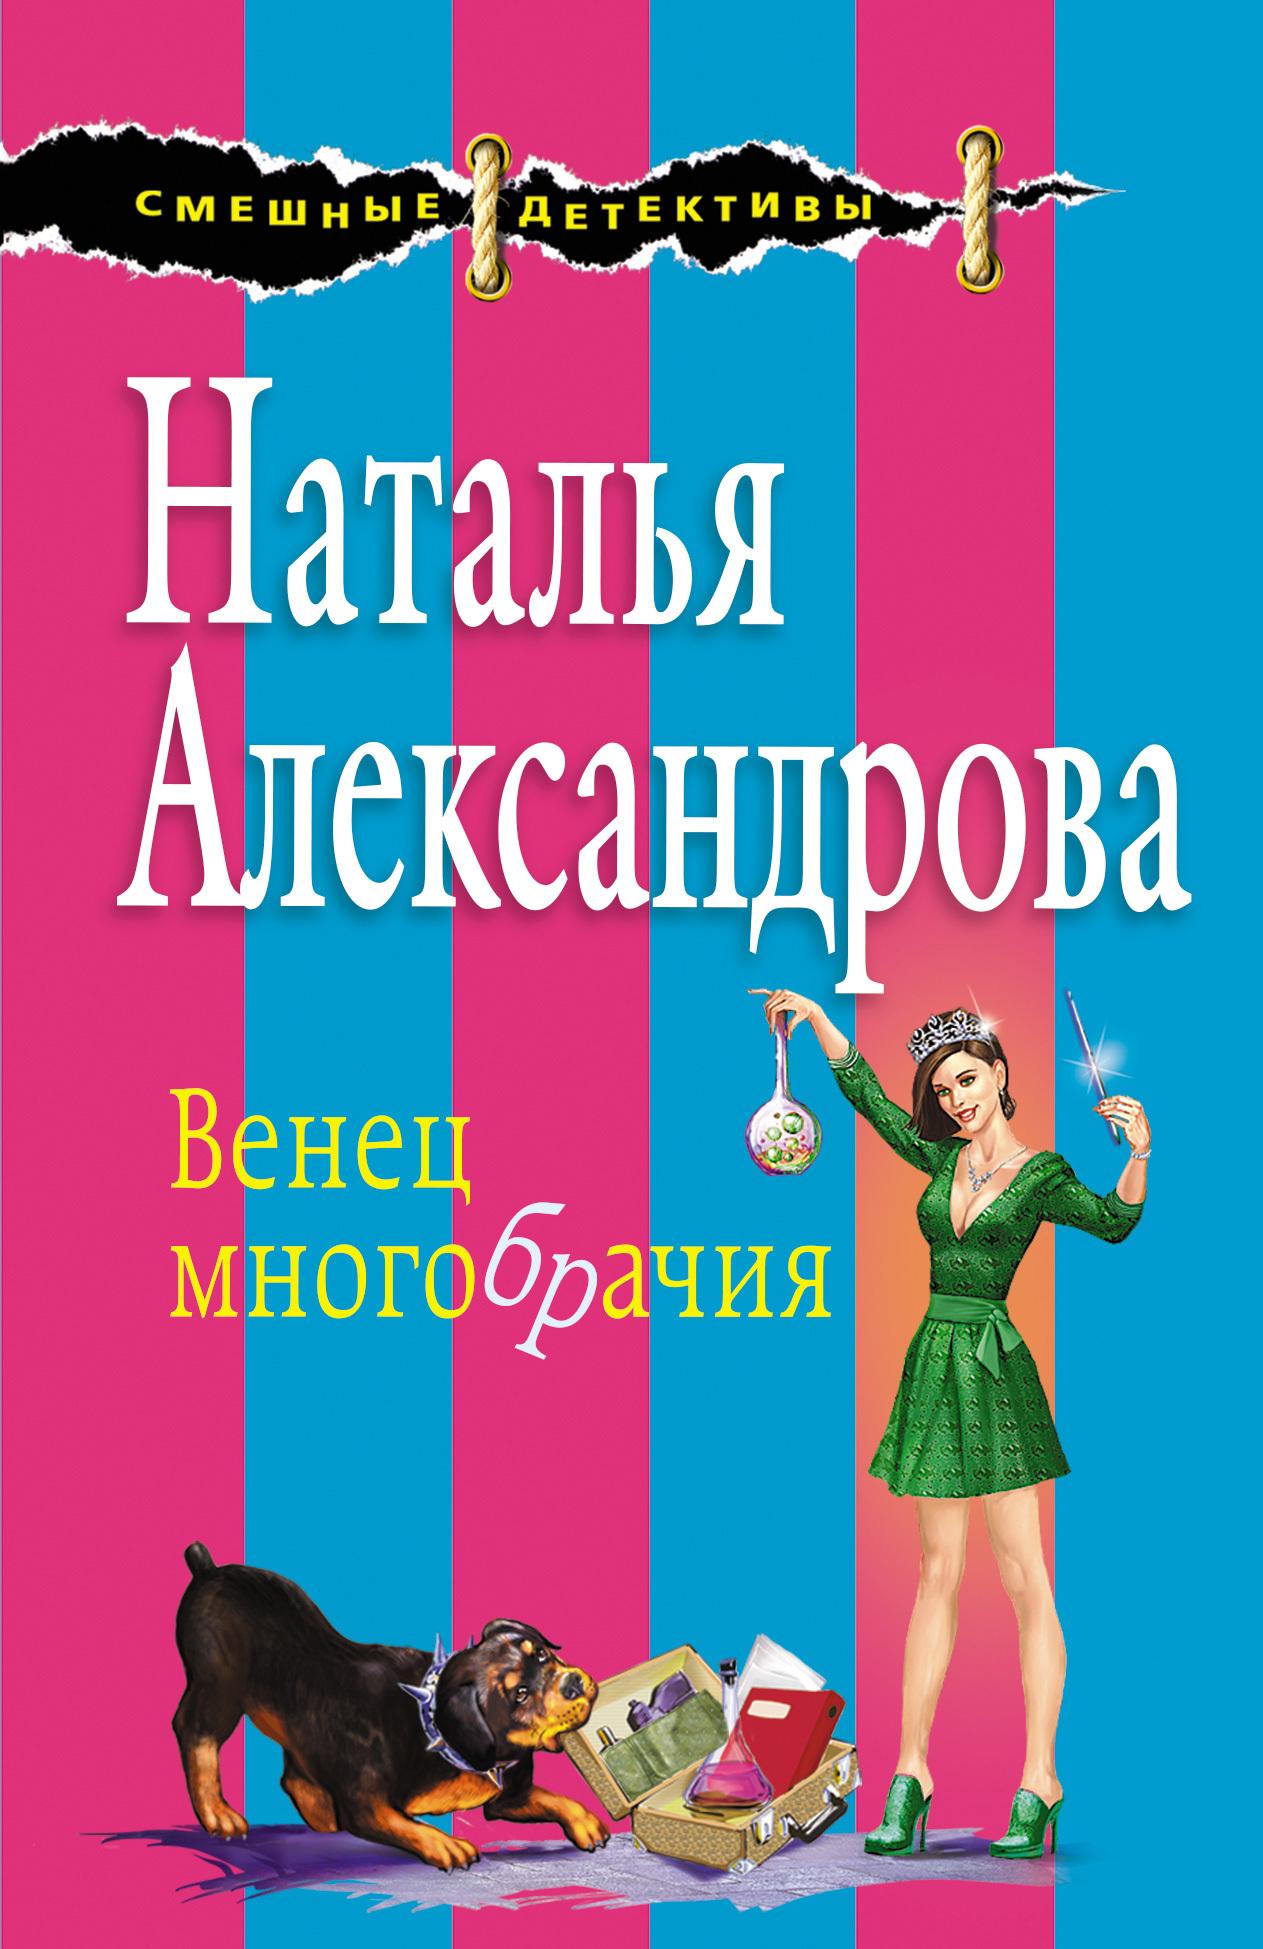 Наталья Александрова Венец многобрачия ISBN: 978-5-04-094744-7 лариса райт когда осыпается яблонев цвет